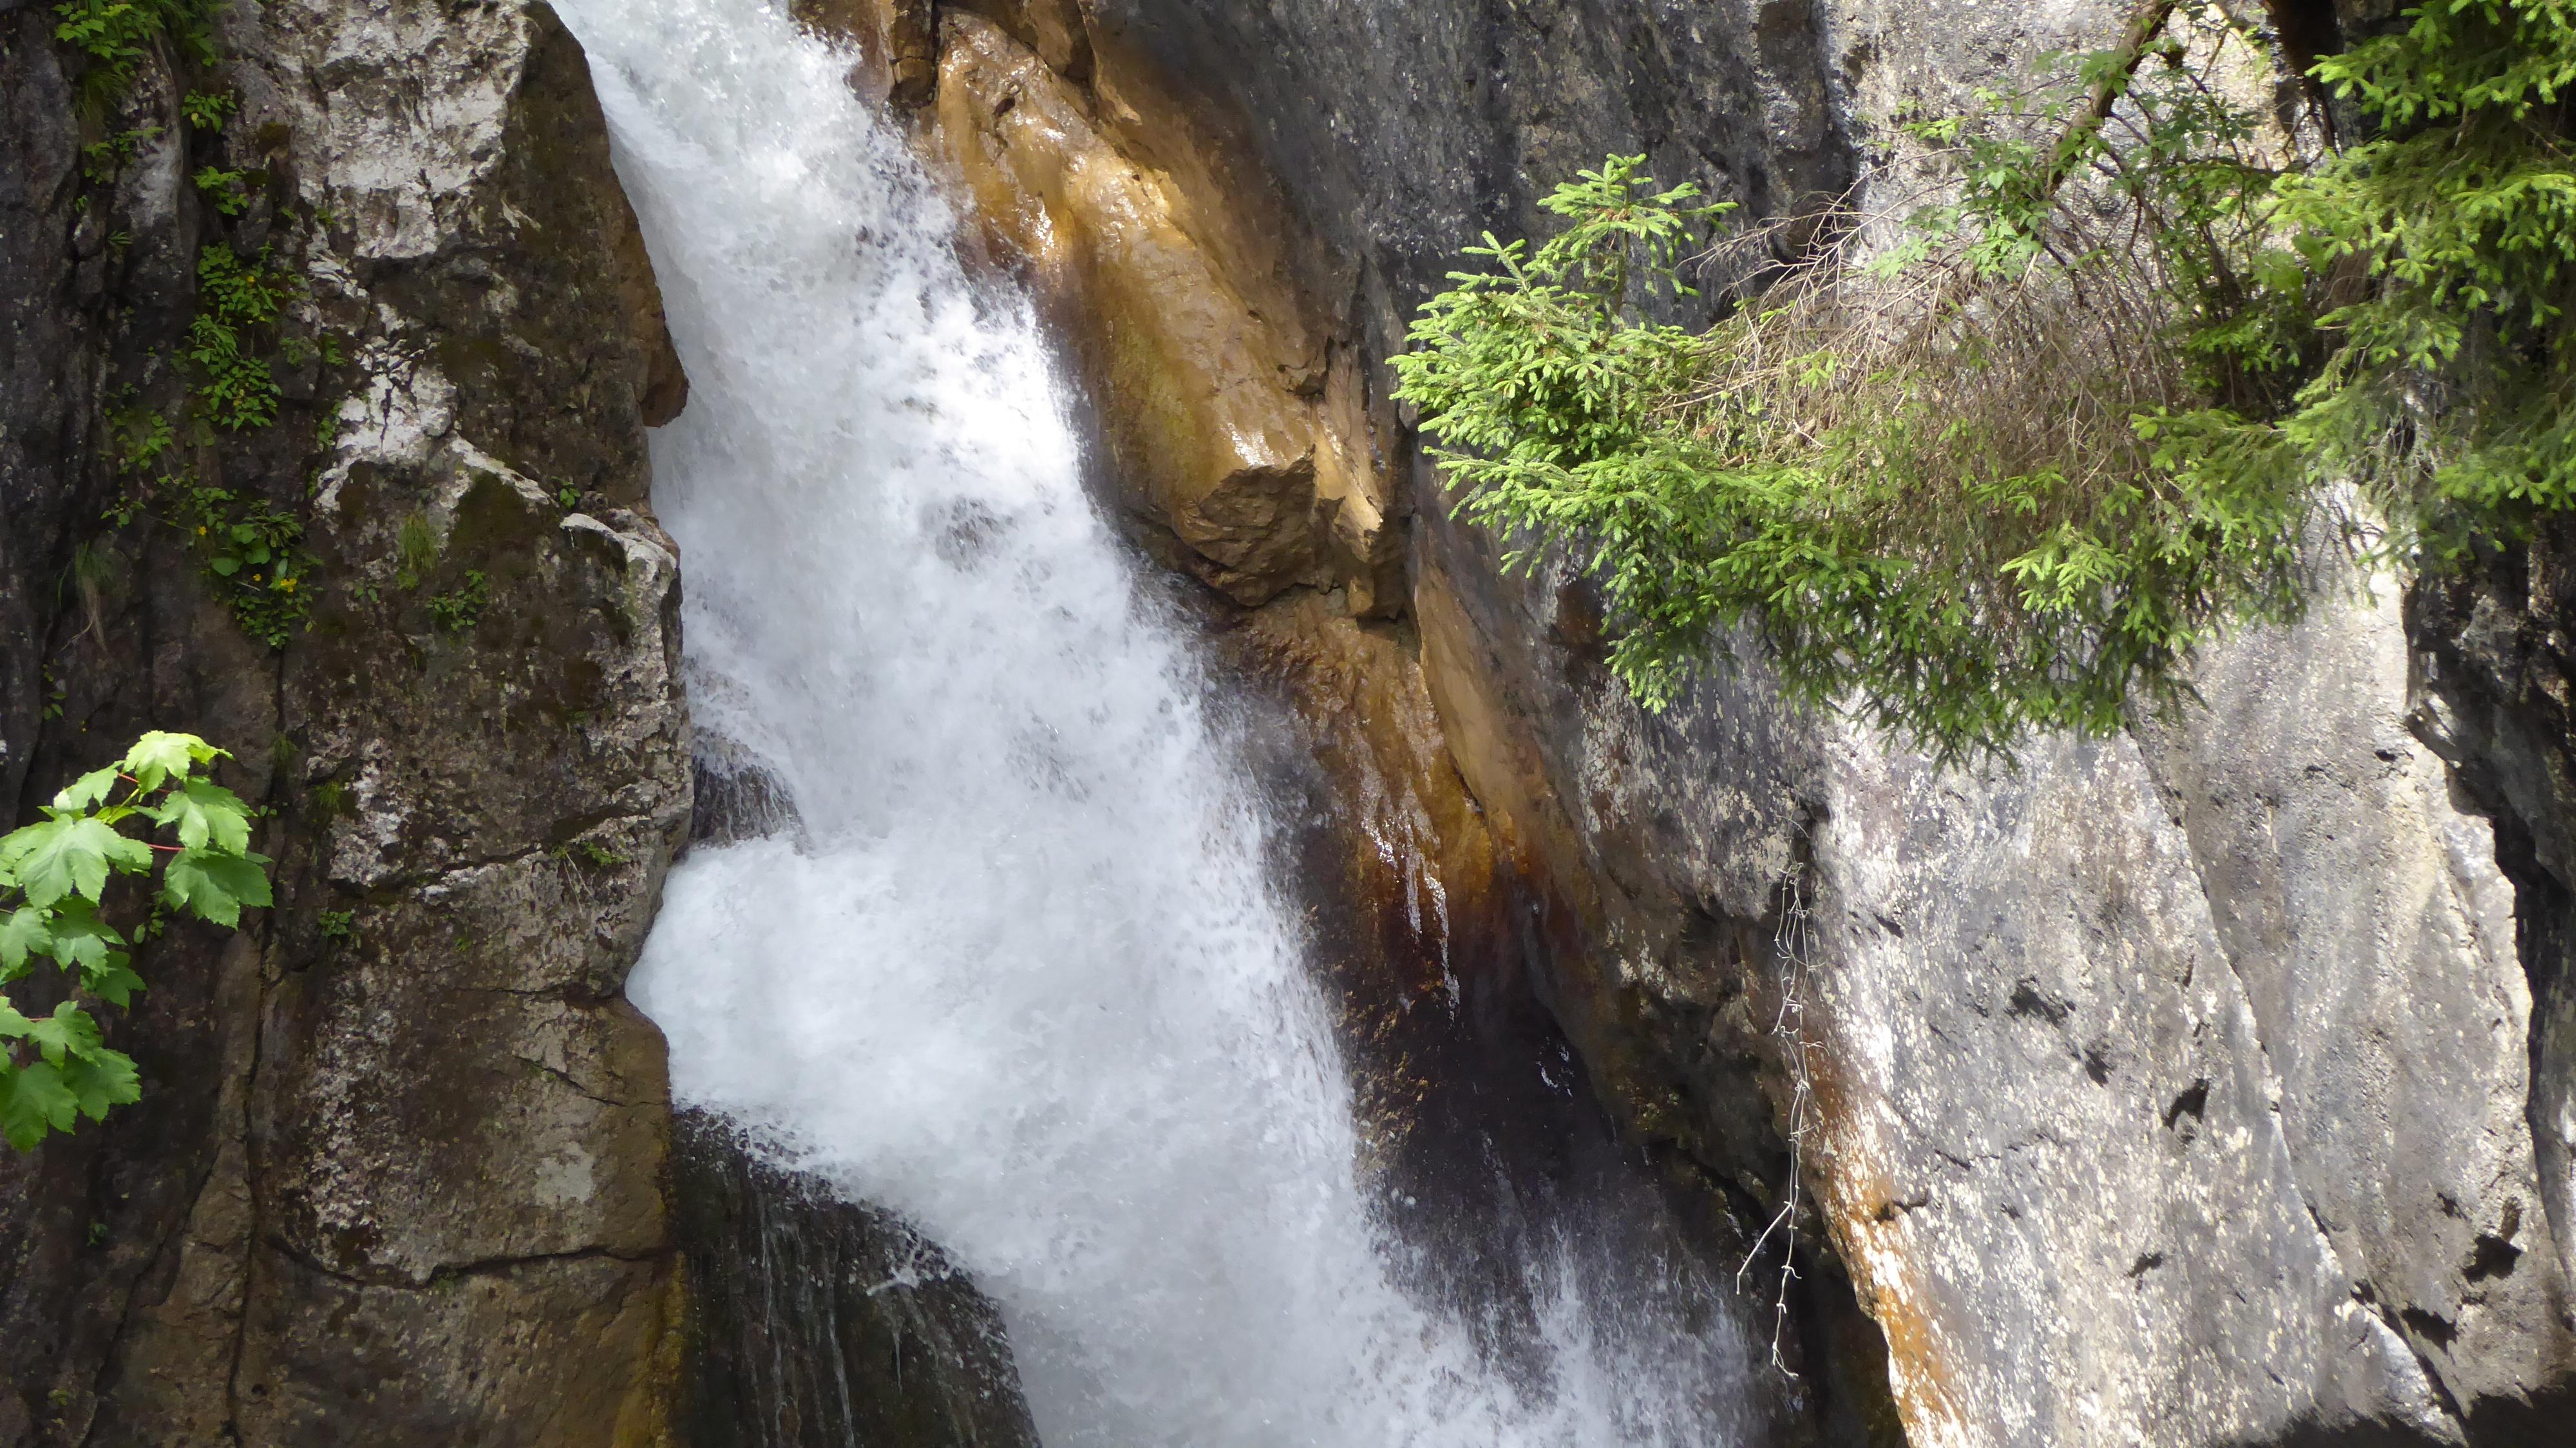 Beeindruckende Wassermaßen am Wasserfall